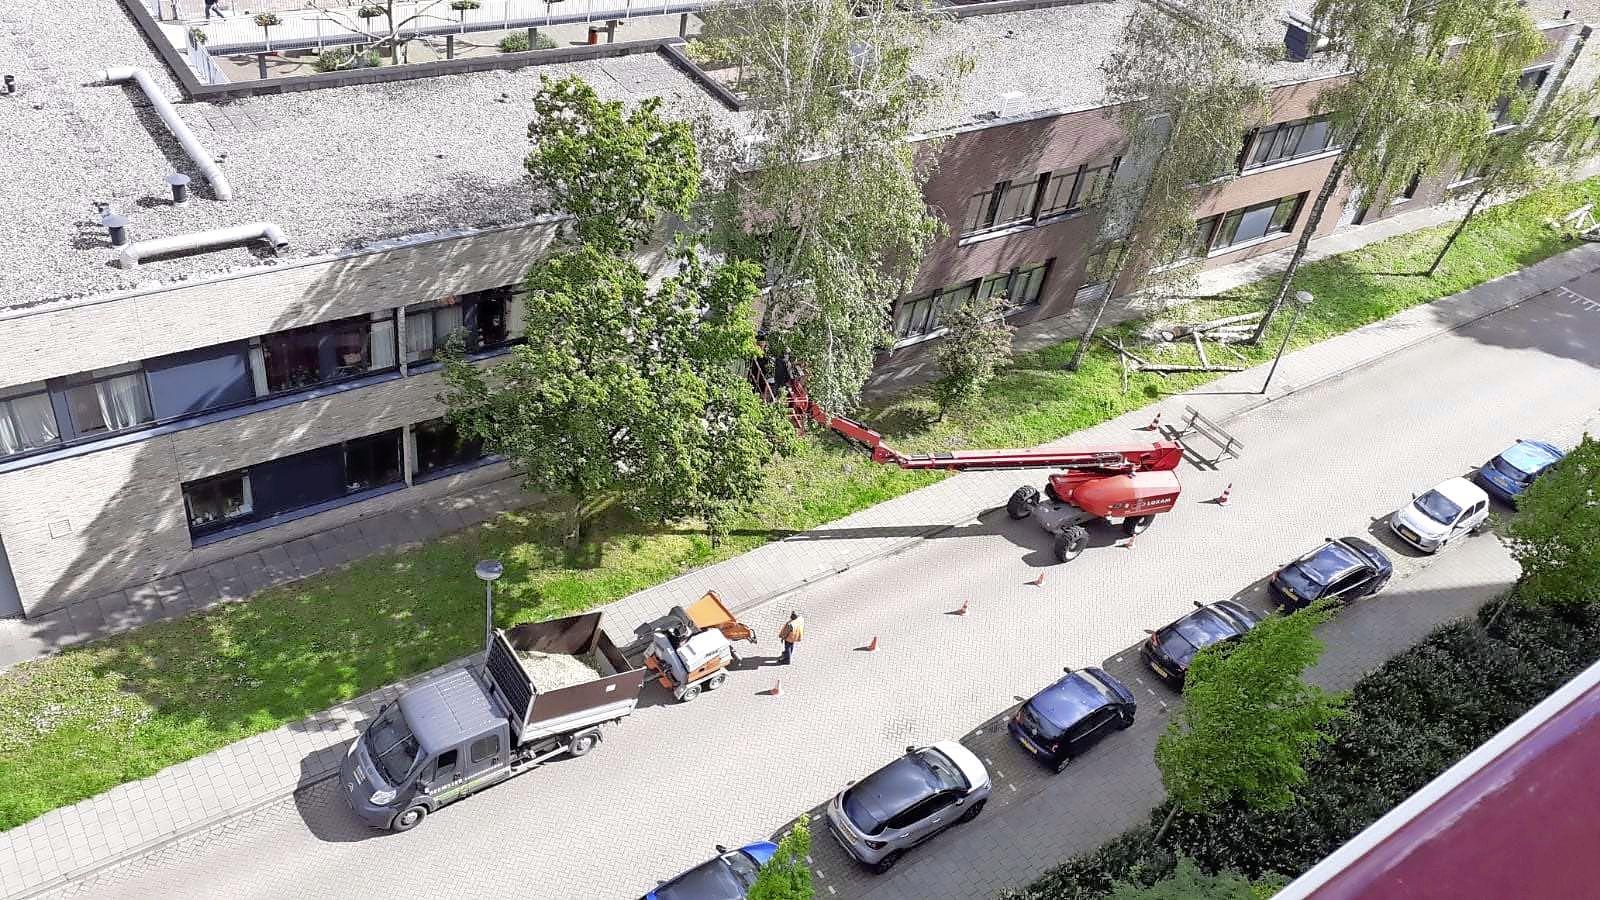 'Bomen bij verpleeghuis voor onze ogen gekapt'; Buurt rond Vivium De Hogeweyk in Weesp boos en verdrietig over kaalslag in broedseizoen vogels: Maar niemand heeft bezwaar ingediend